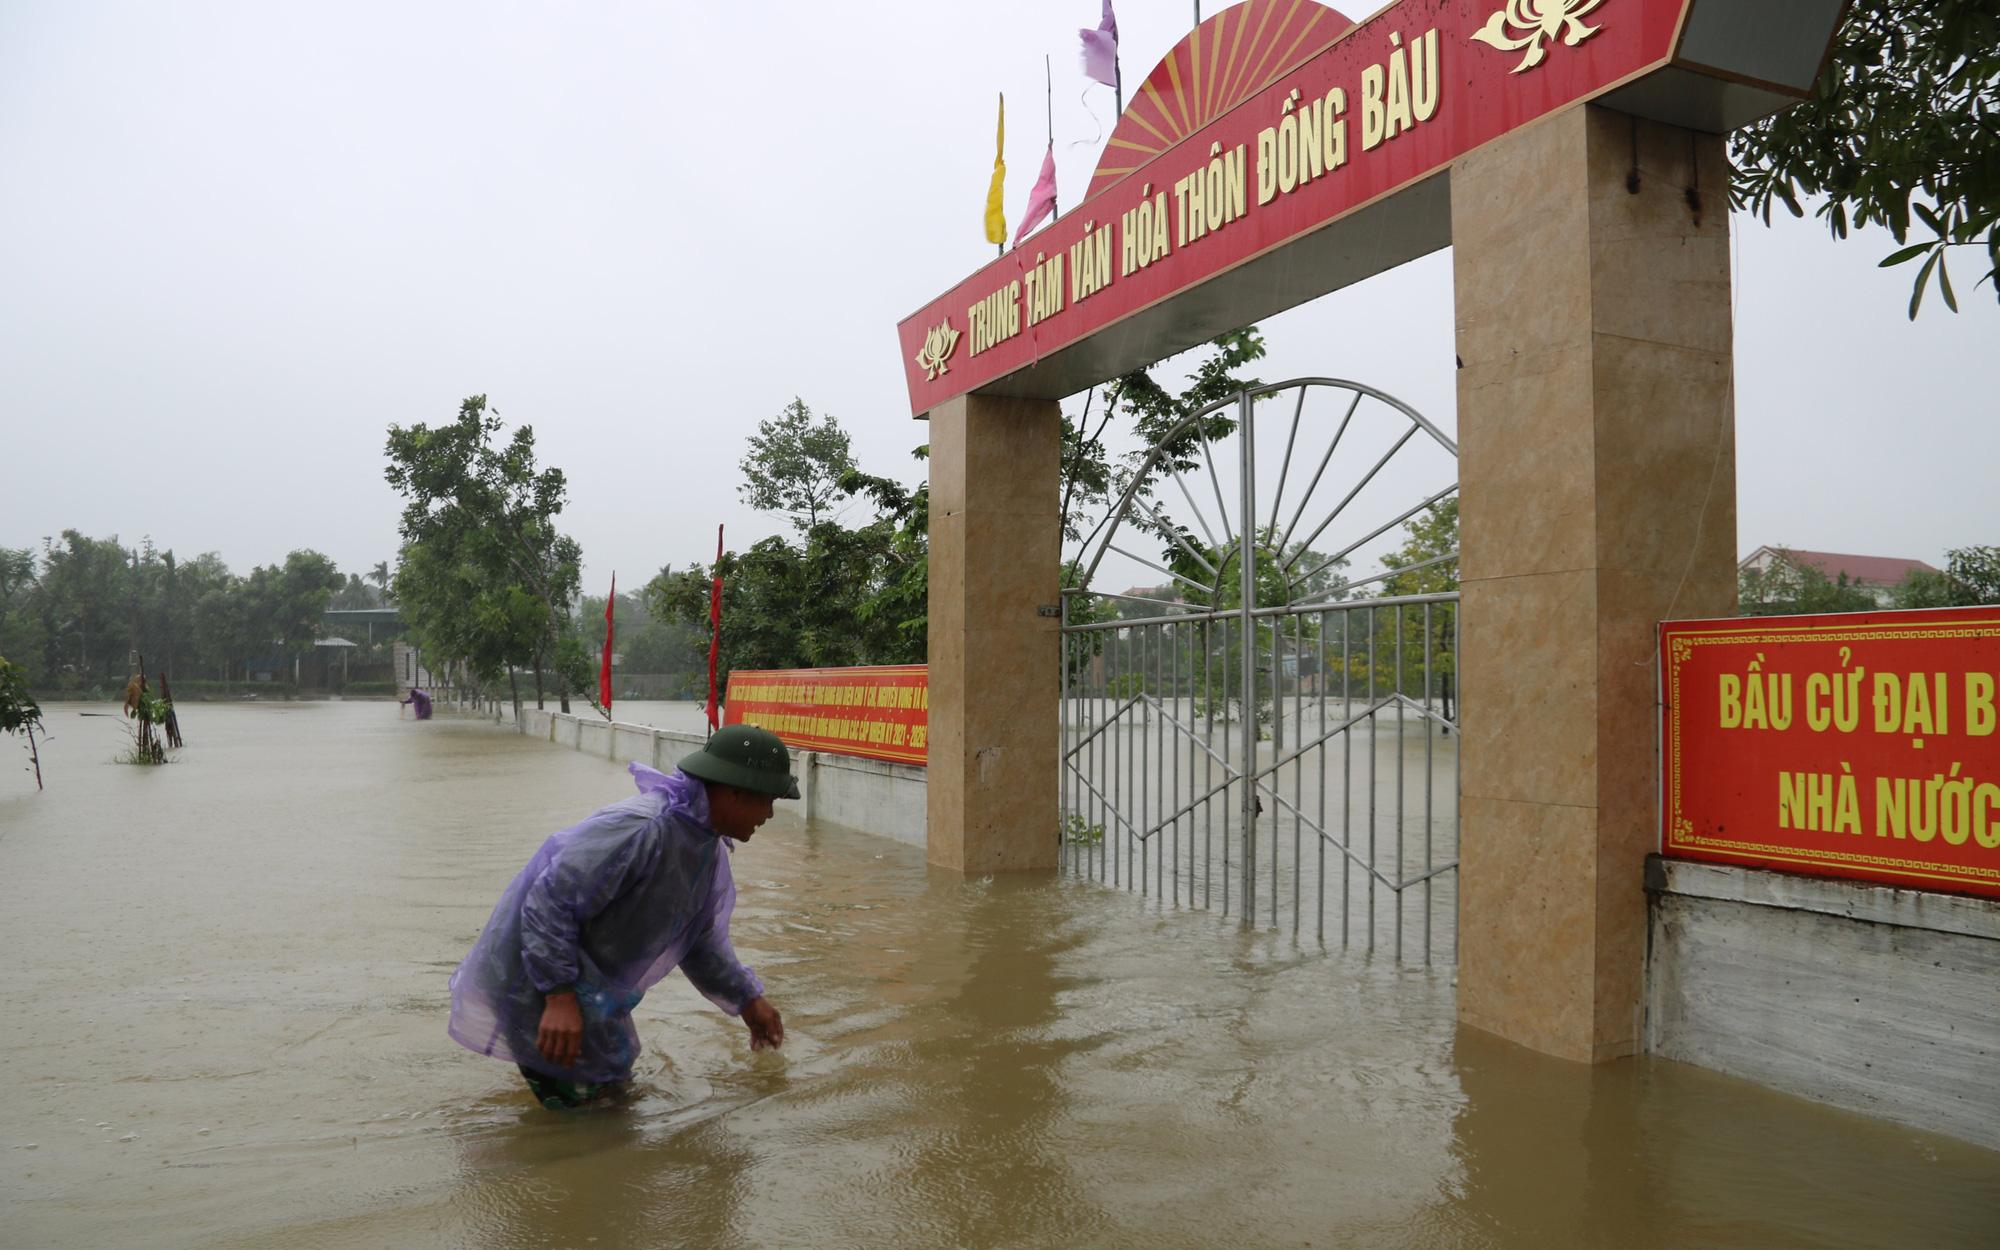 Hà Tĩnh: Mưa lớn kéo dài gây ngập cục bộ, nhiều địa phương lên kế hoạch di dời dân